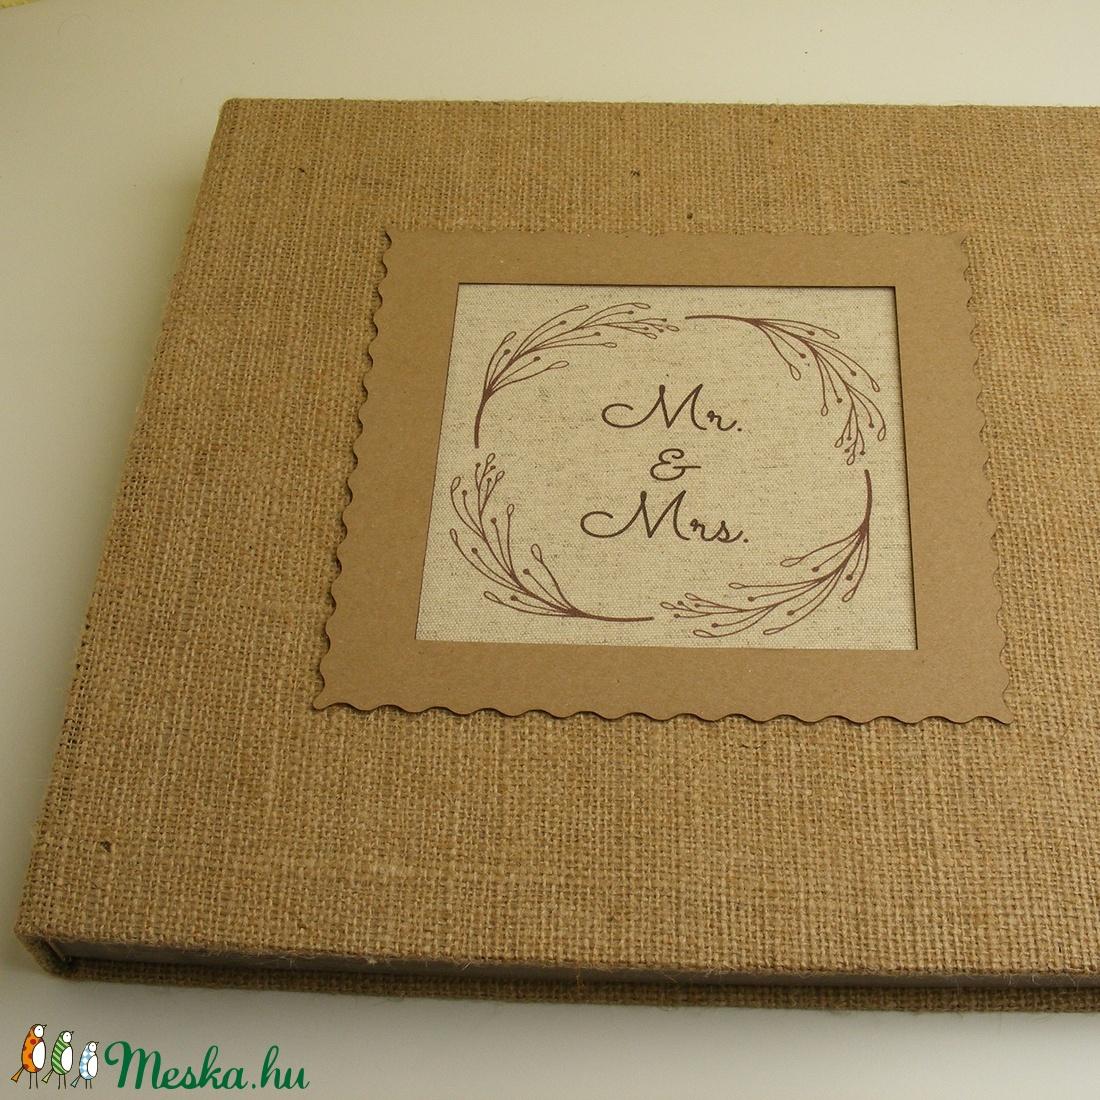 Fotóalbum esküvőre, nászajándék, zsákvászon album az ifjú párnak, nagyméretű fényképalbum koszorúban egyedi felirattal - esküvő - emlék & ajándék - album & fotóalbum - Meska.hu